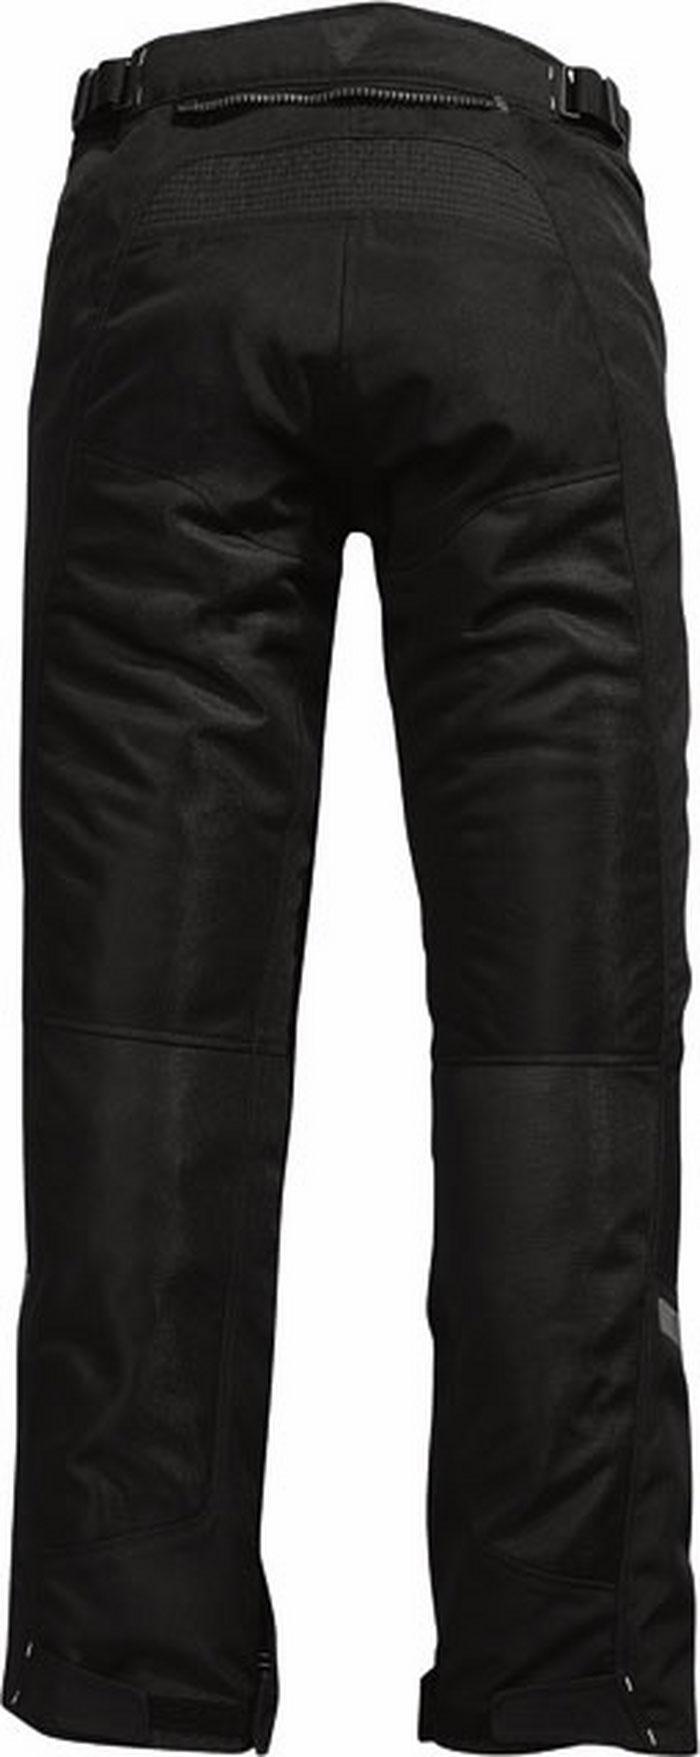 Rev'it Airwave Ladies summer motrocycle pants black